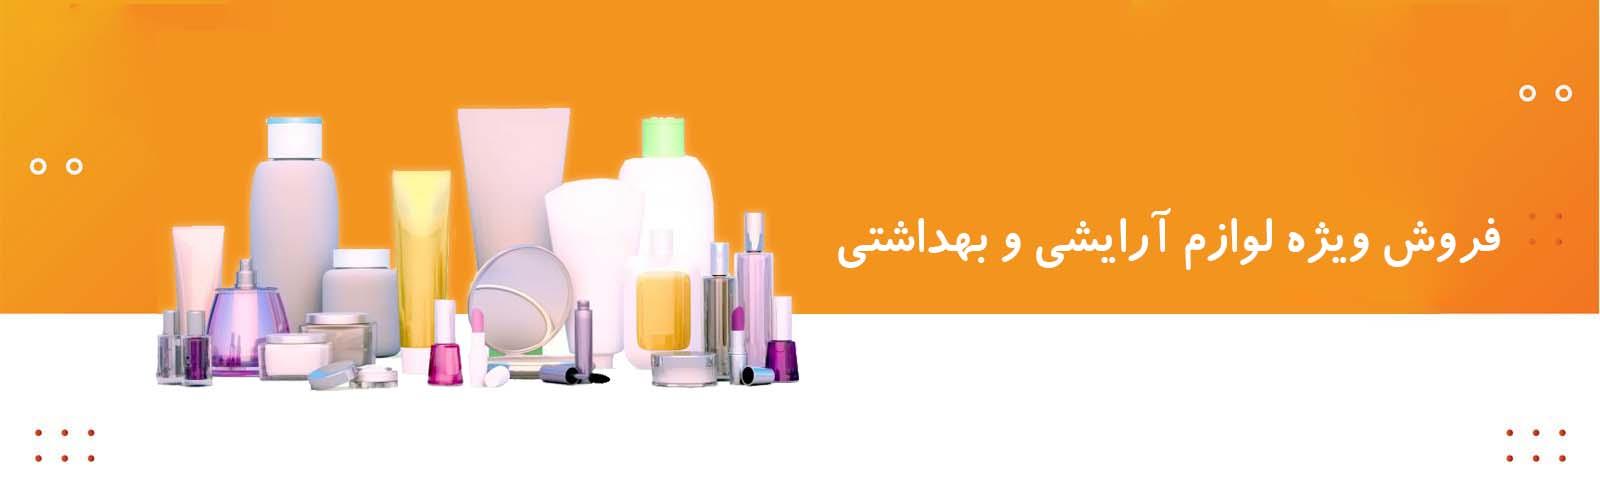 فروش ویژه لوازم آرایشی و بهداشتی